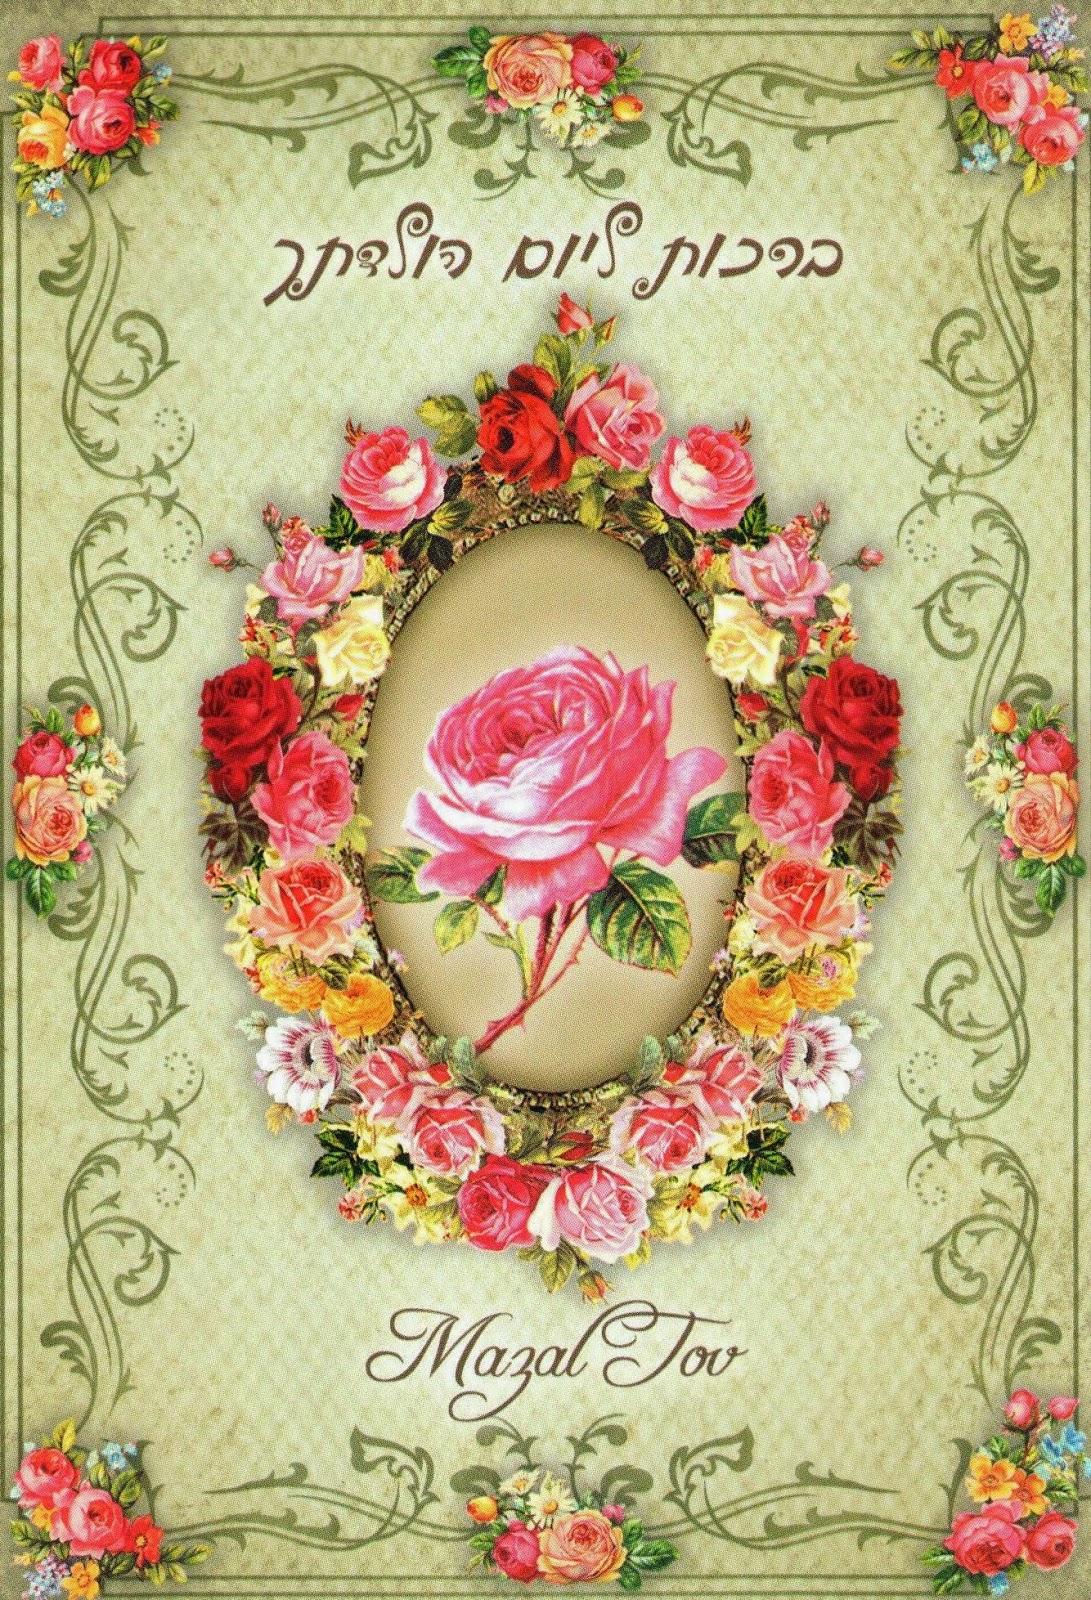 Поздравительная открытка с днем рождения на башкирском языке